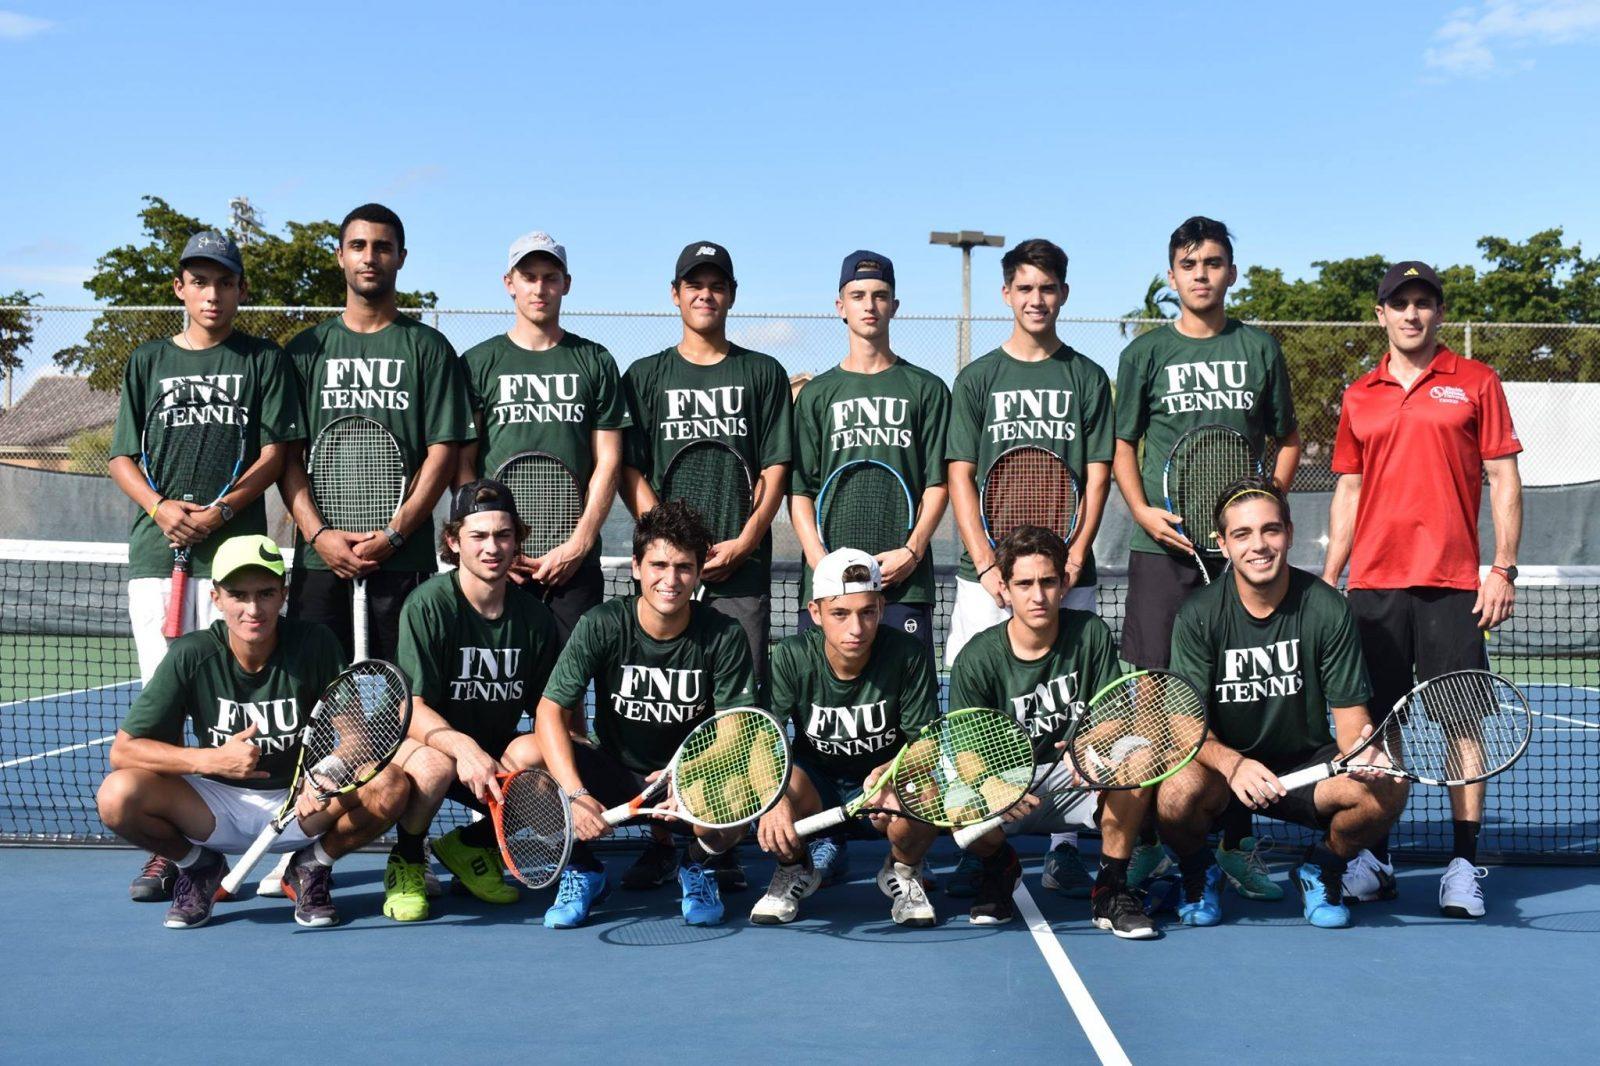 FNU Men's Tennis Team Picture